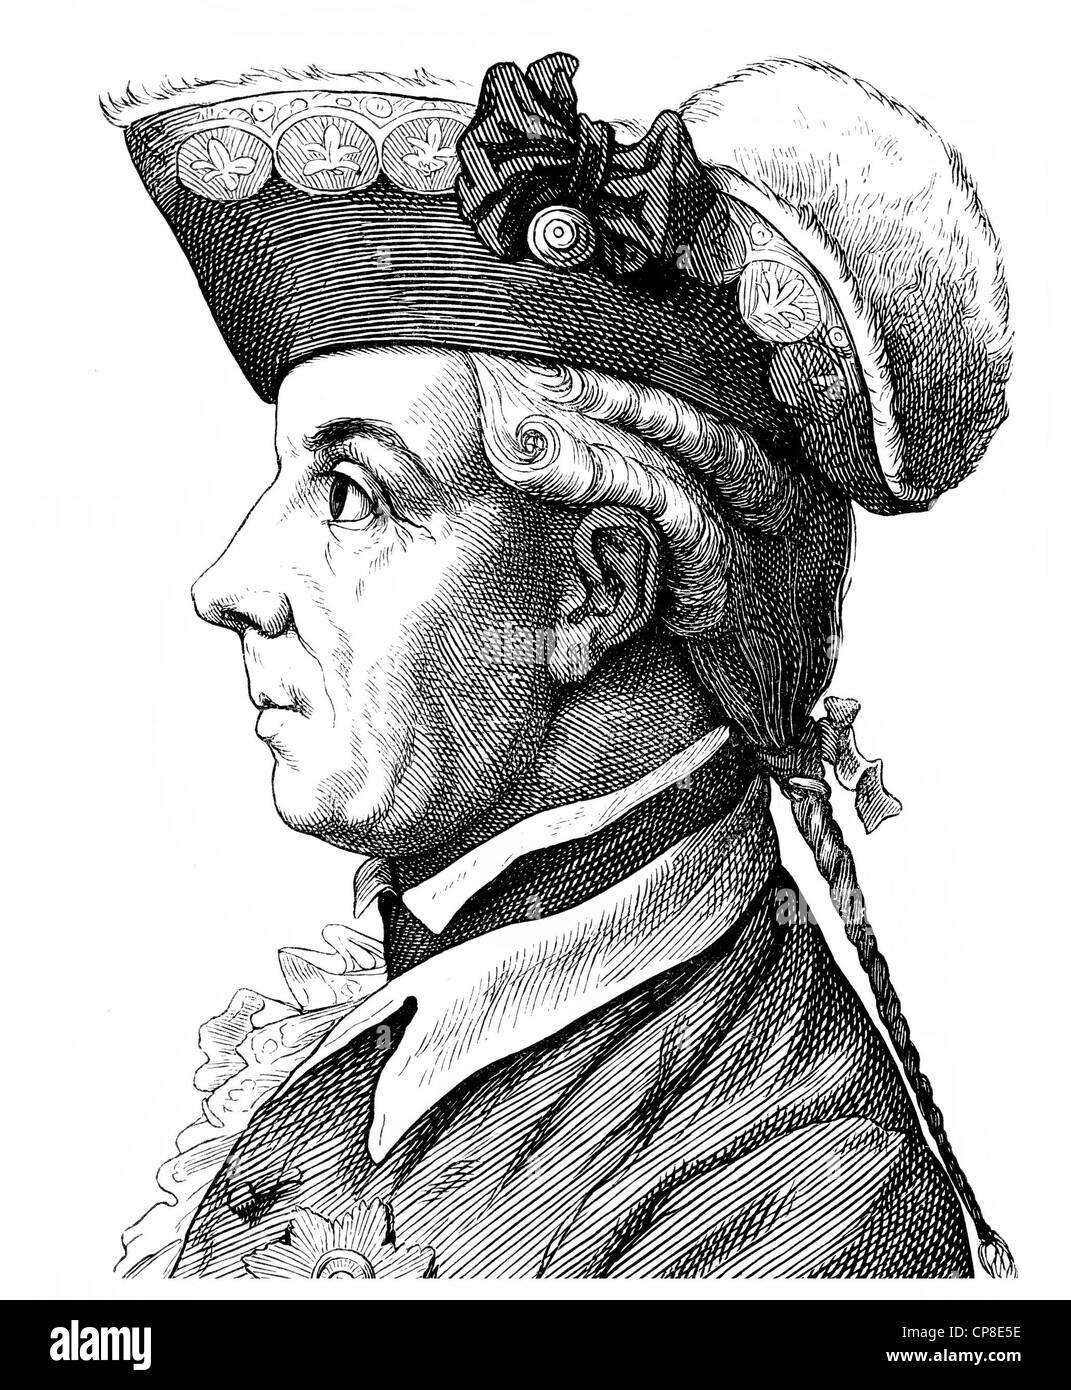 El príncipe Friedrich Heinrich Ludwig de Prusia, 1726 - 1802, comandante general del ejército prusiano y diplomático, Historische Zeichnung Foto de stock